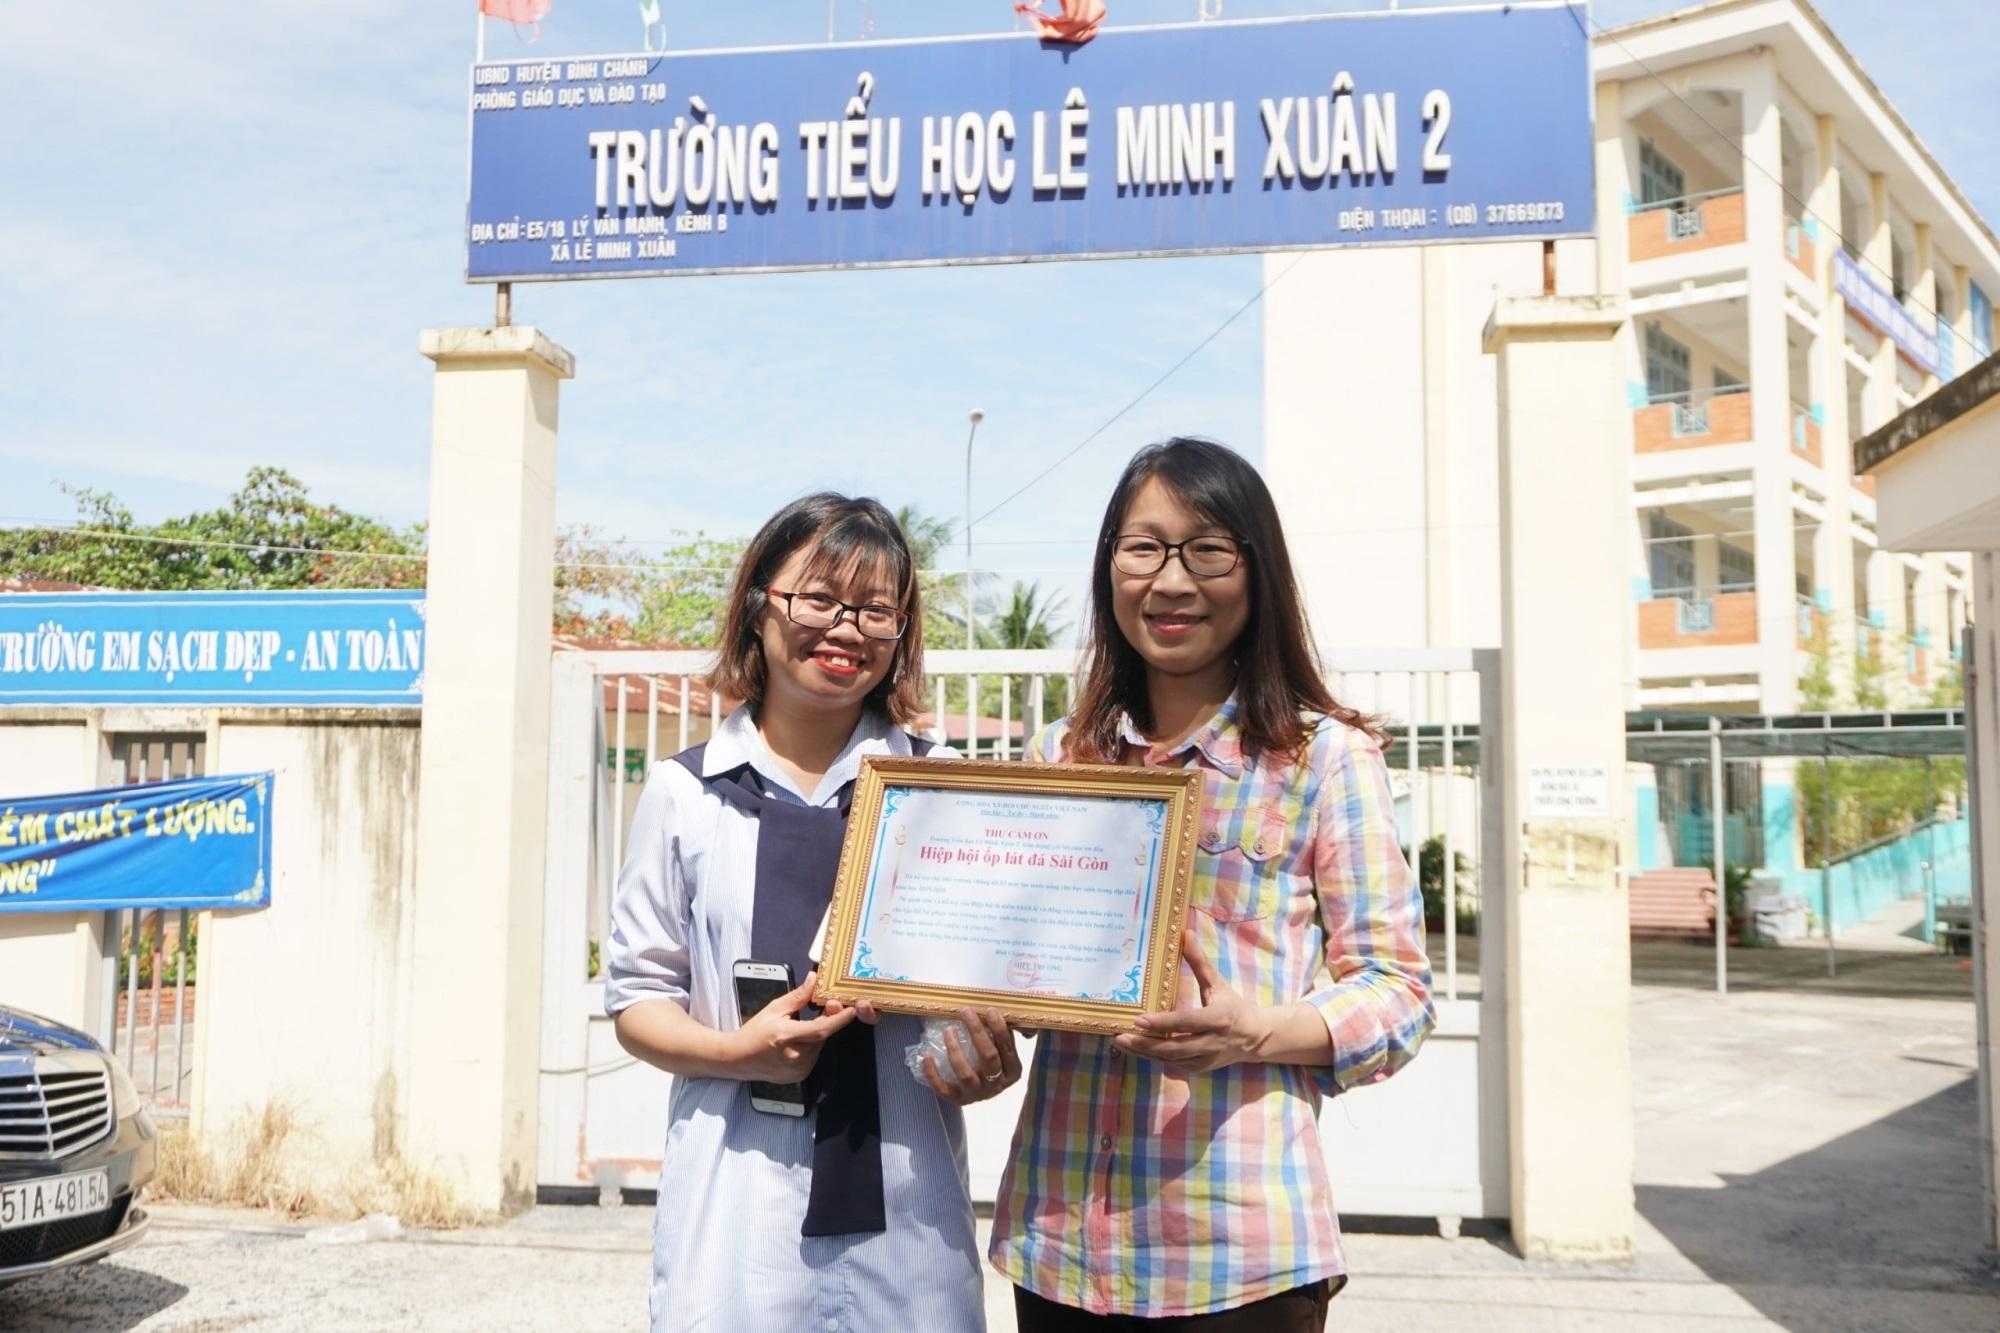 Chuỗi chương trình từ thiện 3 ngày của Hội đá ốp lát Sài Gòn kỷ niệm 10 năm thành lập - Ảnh 4